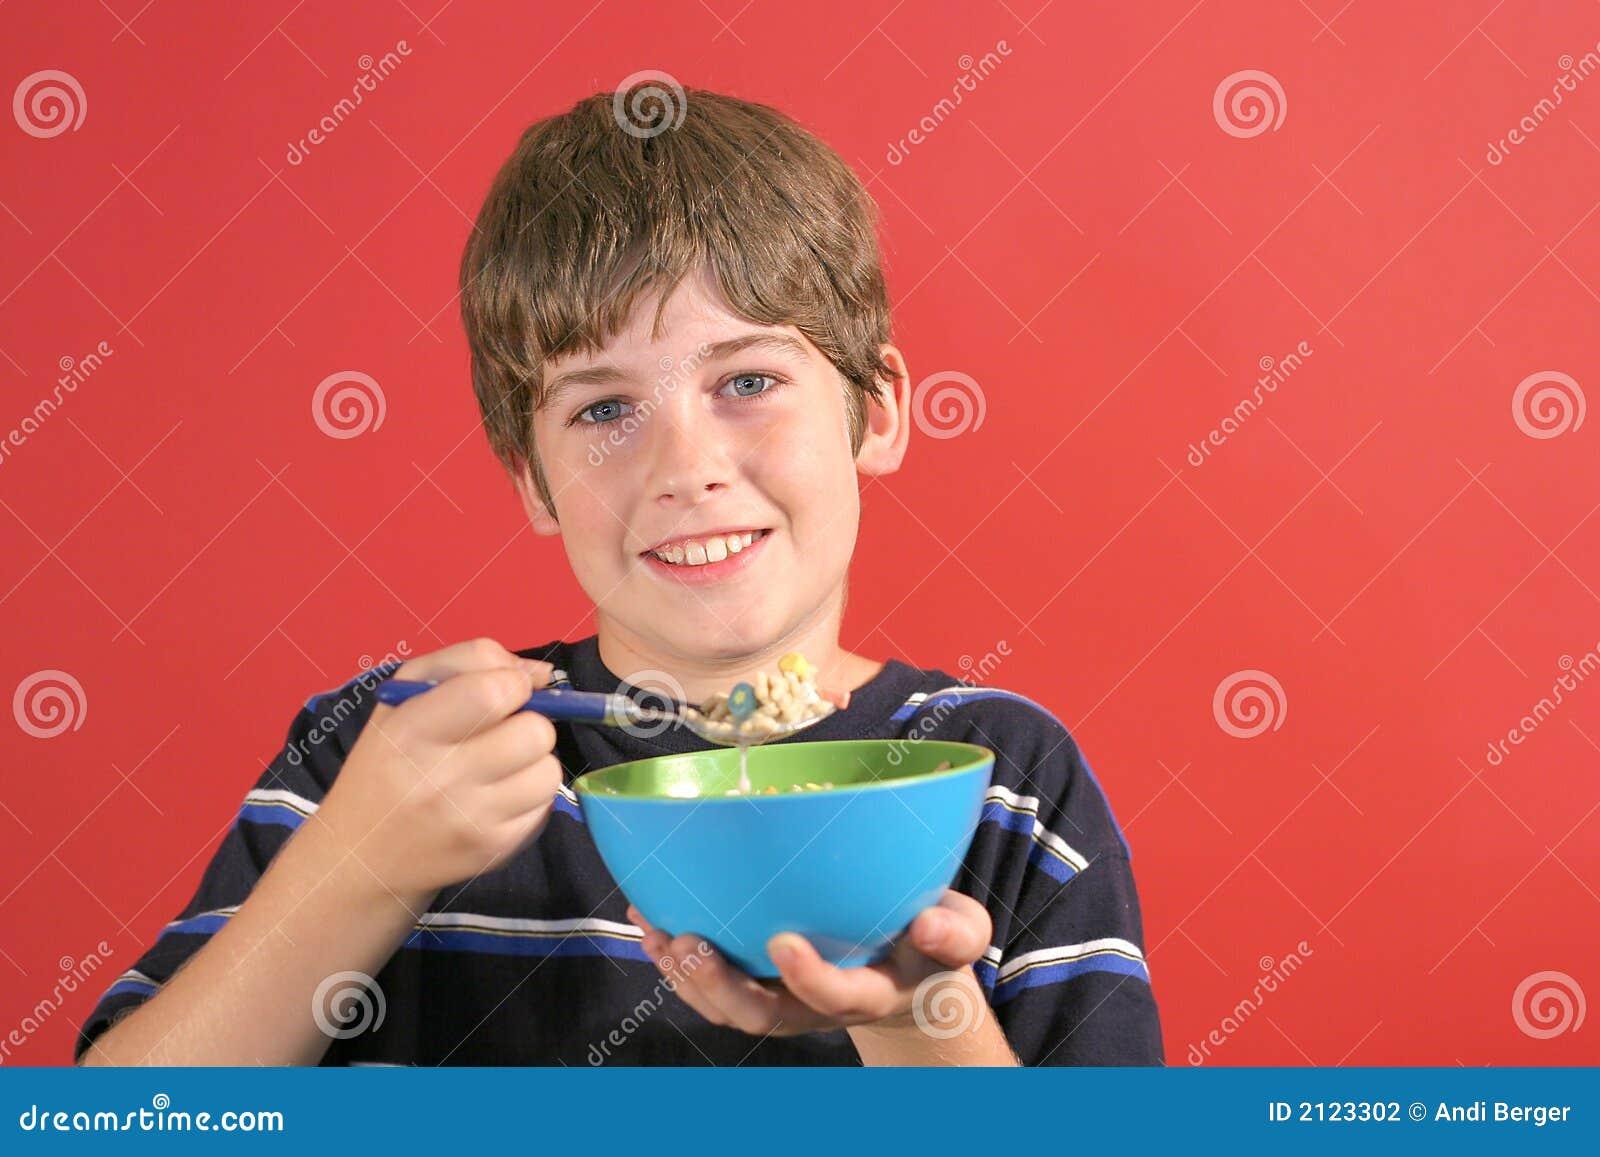 Jeune garçon mangeant de la céréale